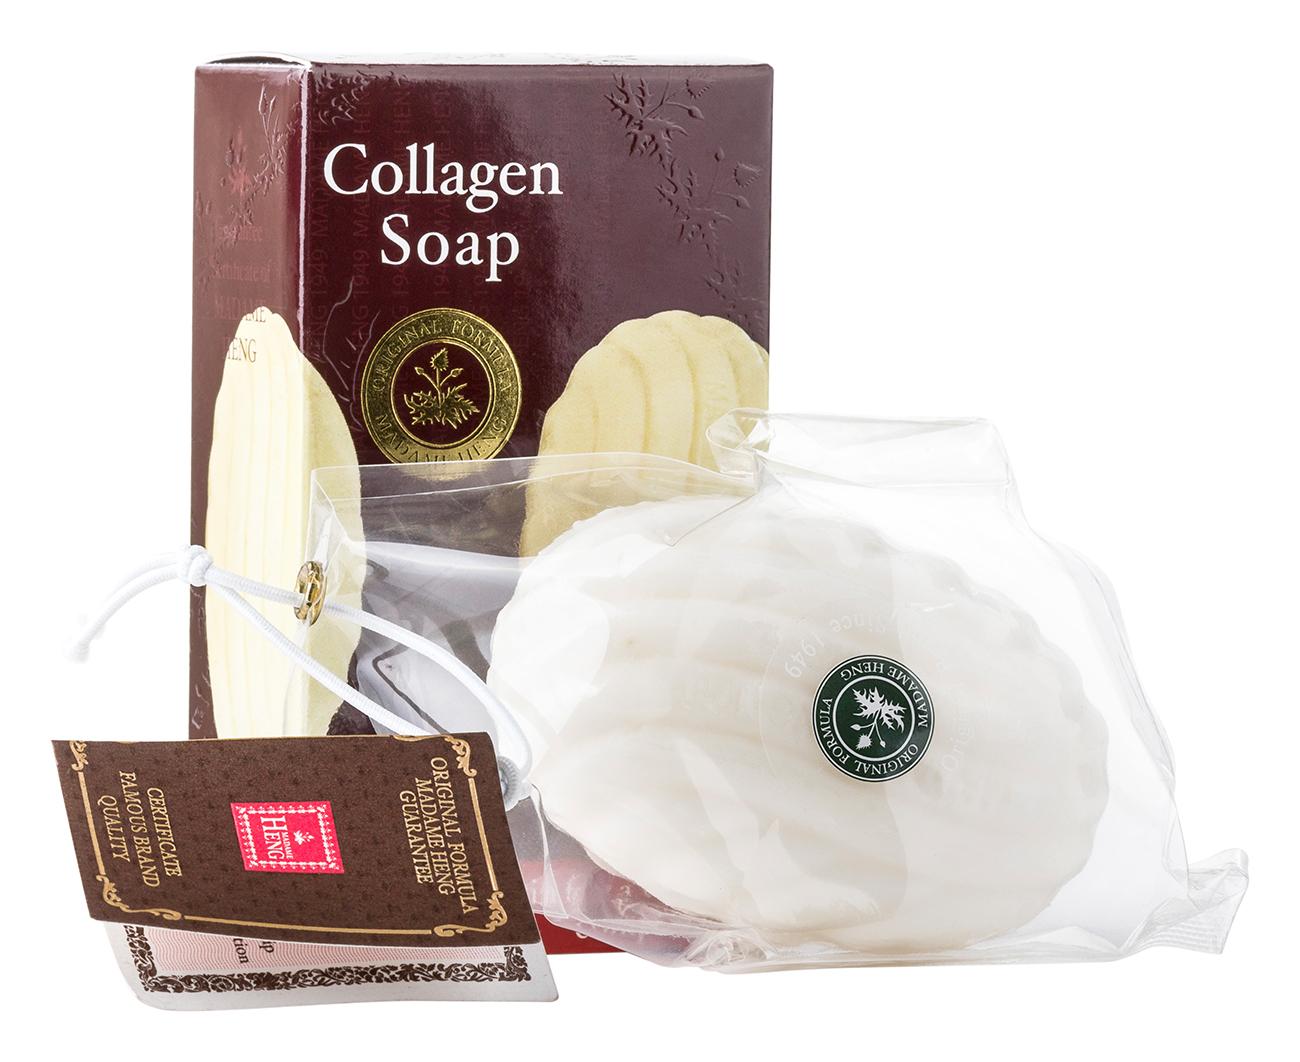 Madame Heng Мыло Коллагеновое антивозврастное для умывания и снятия макияжа Collagen Soap